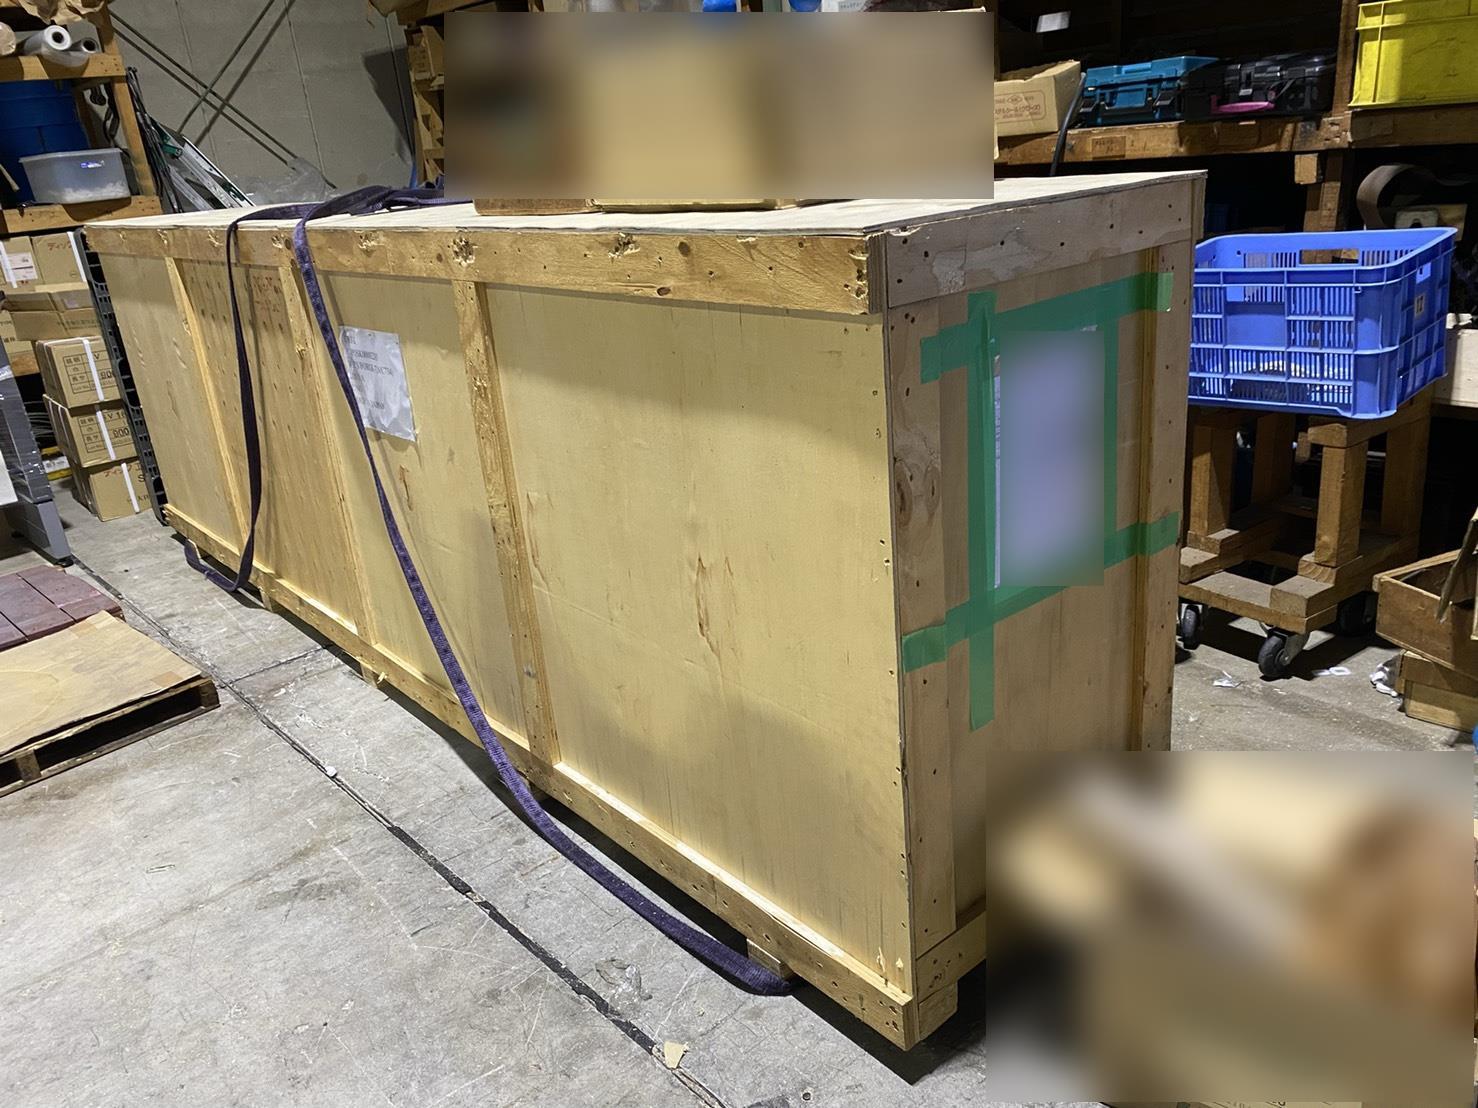 4t平車両木箱梱包製品の配送業務